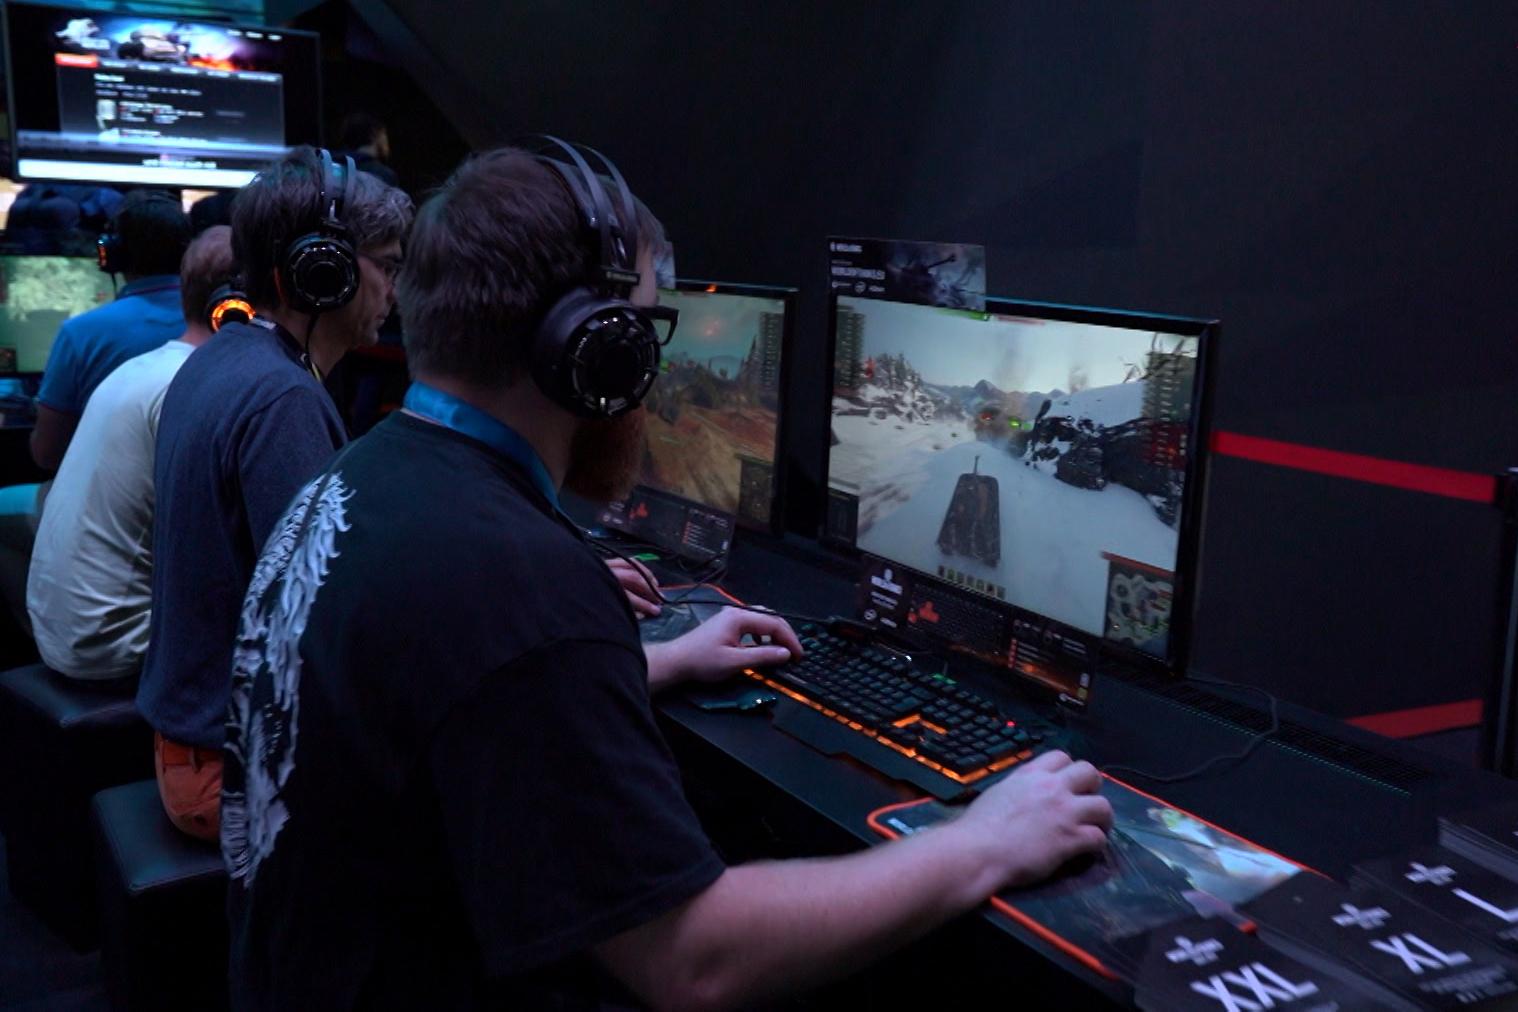 Hunderttausende Spielefans kommen jedes Jahr zur Gamescom nach Köln (Foto: hellofootage)